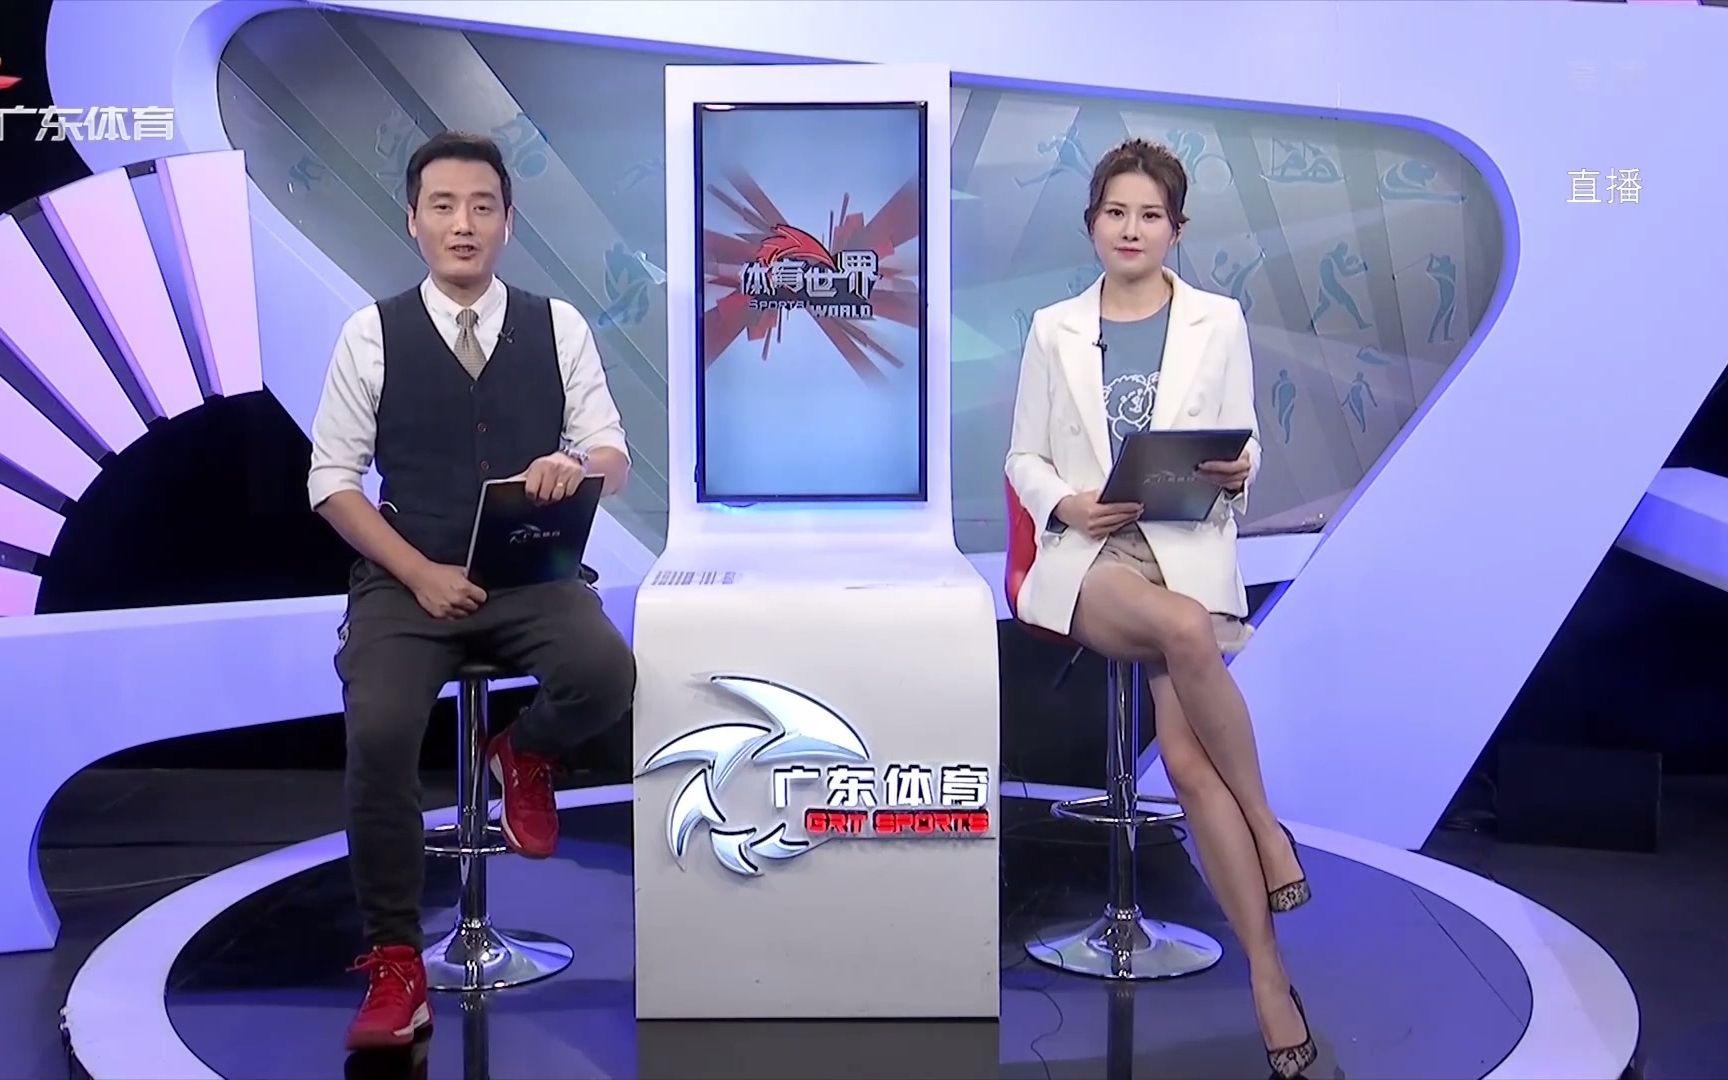 广东卫视《体育世界》美女主持张可盈